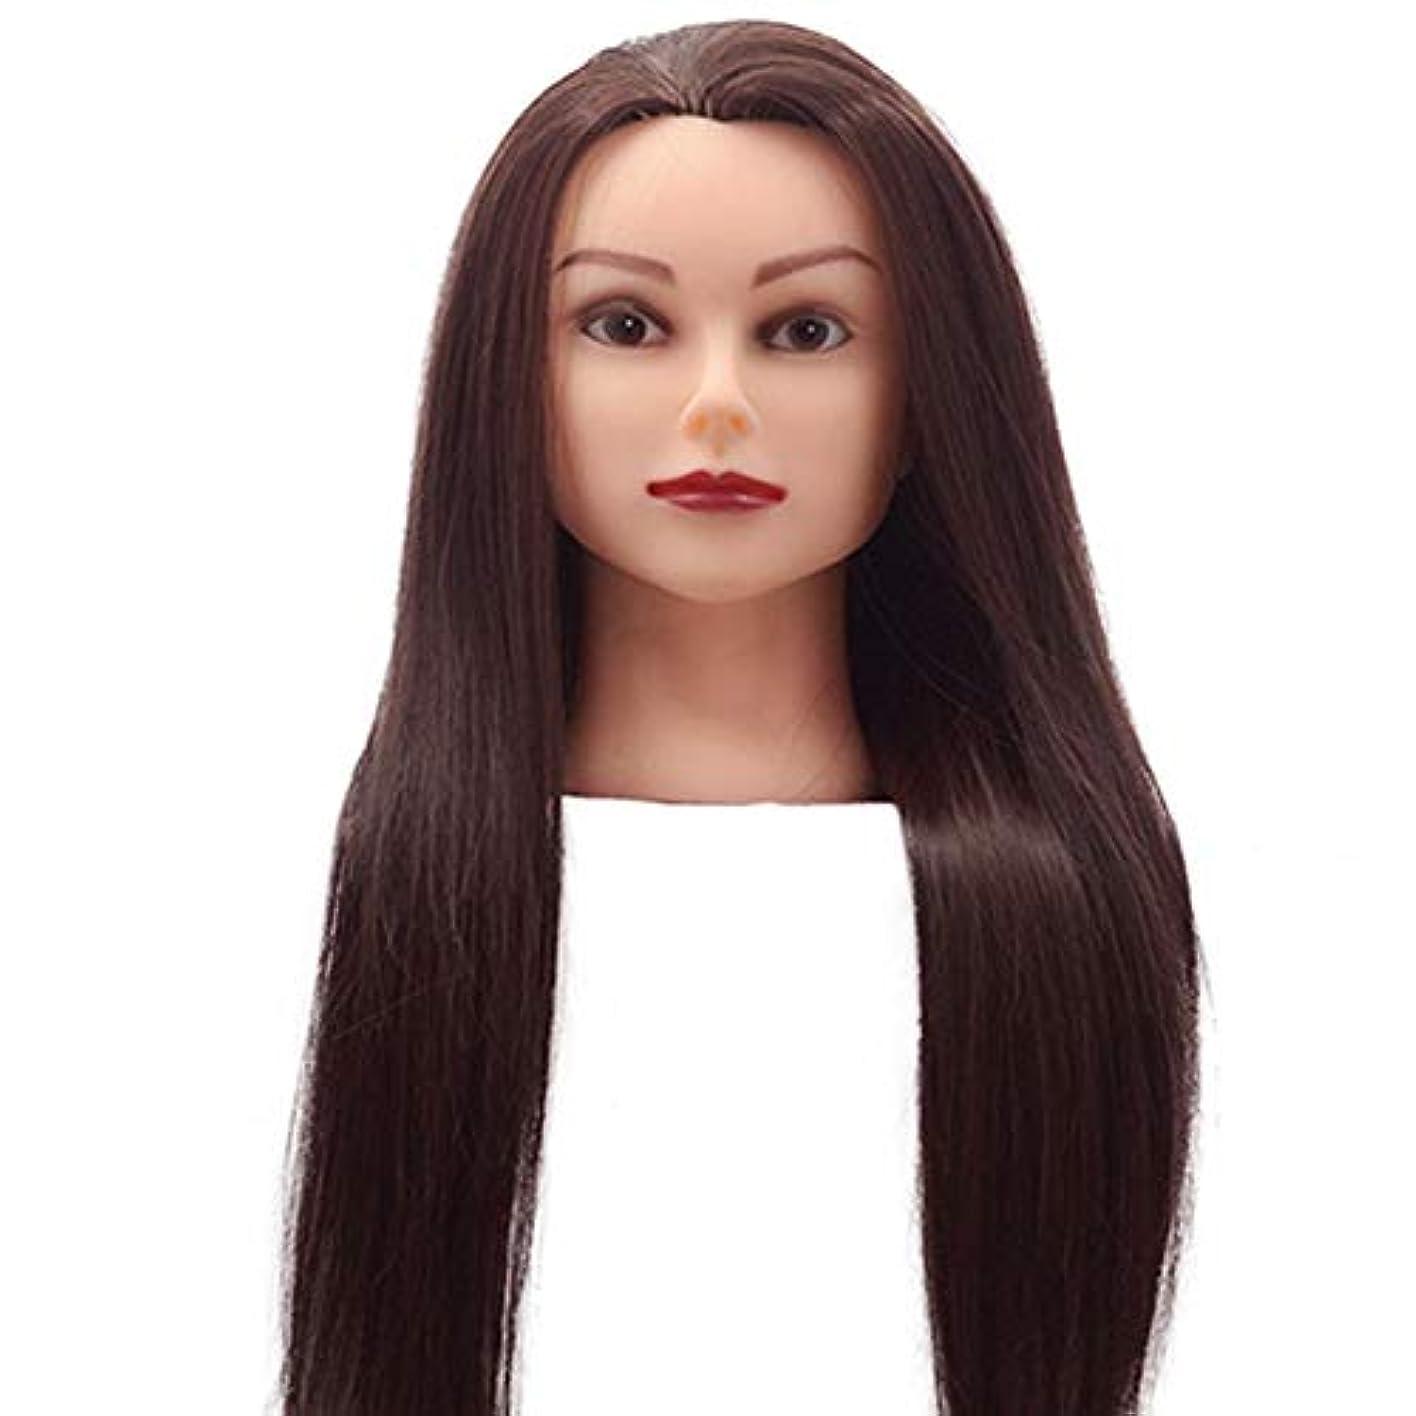 交換パーティーロケーション理髪モデルヘッド花嫁の髪編組三つ編み学習ヘッドモデル理髪店美容散髪ダミーエクササイズヘッド